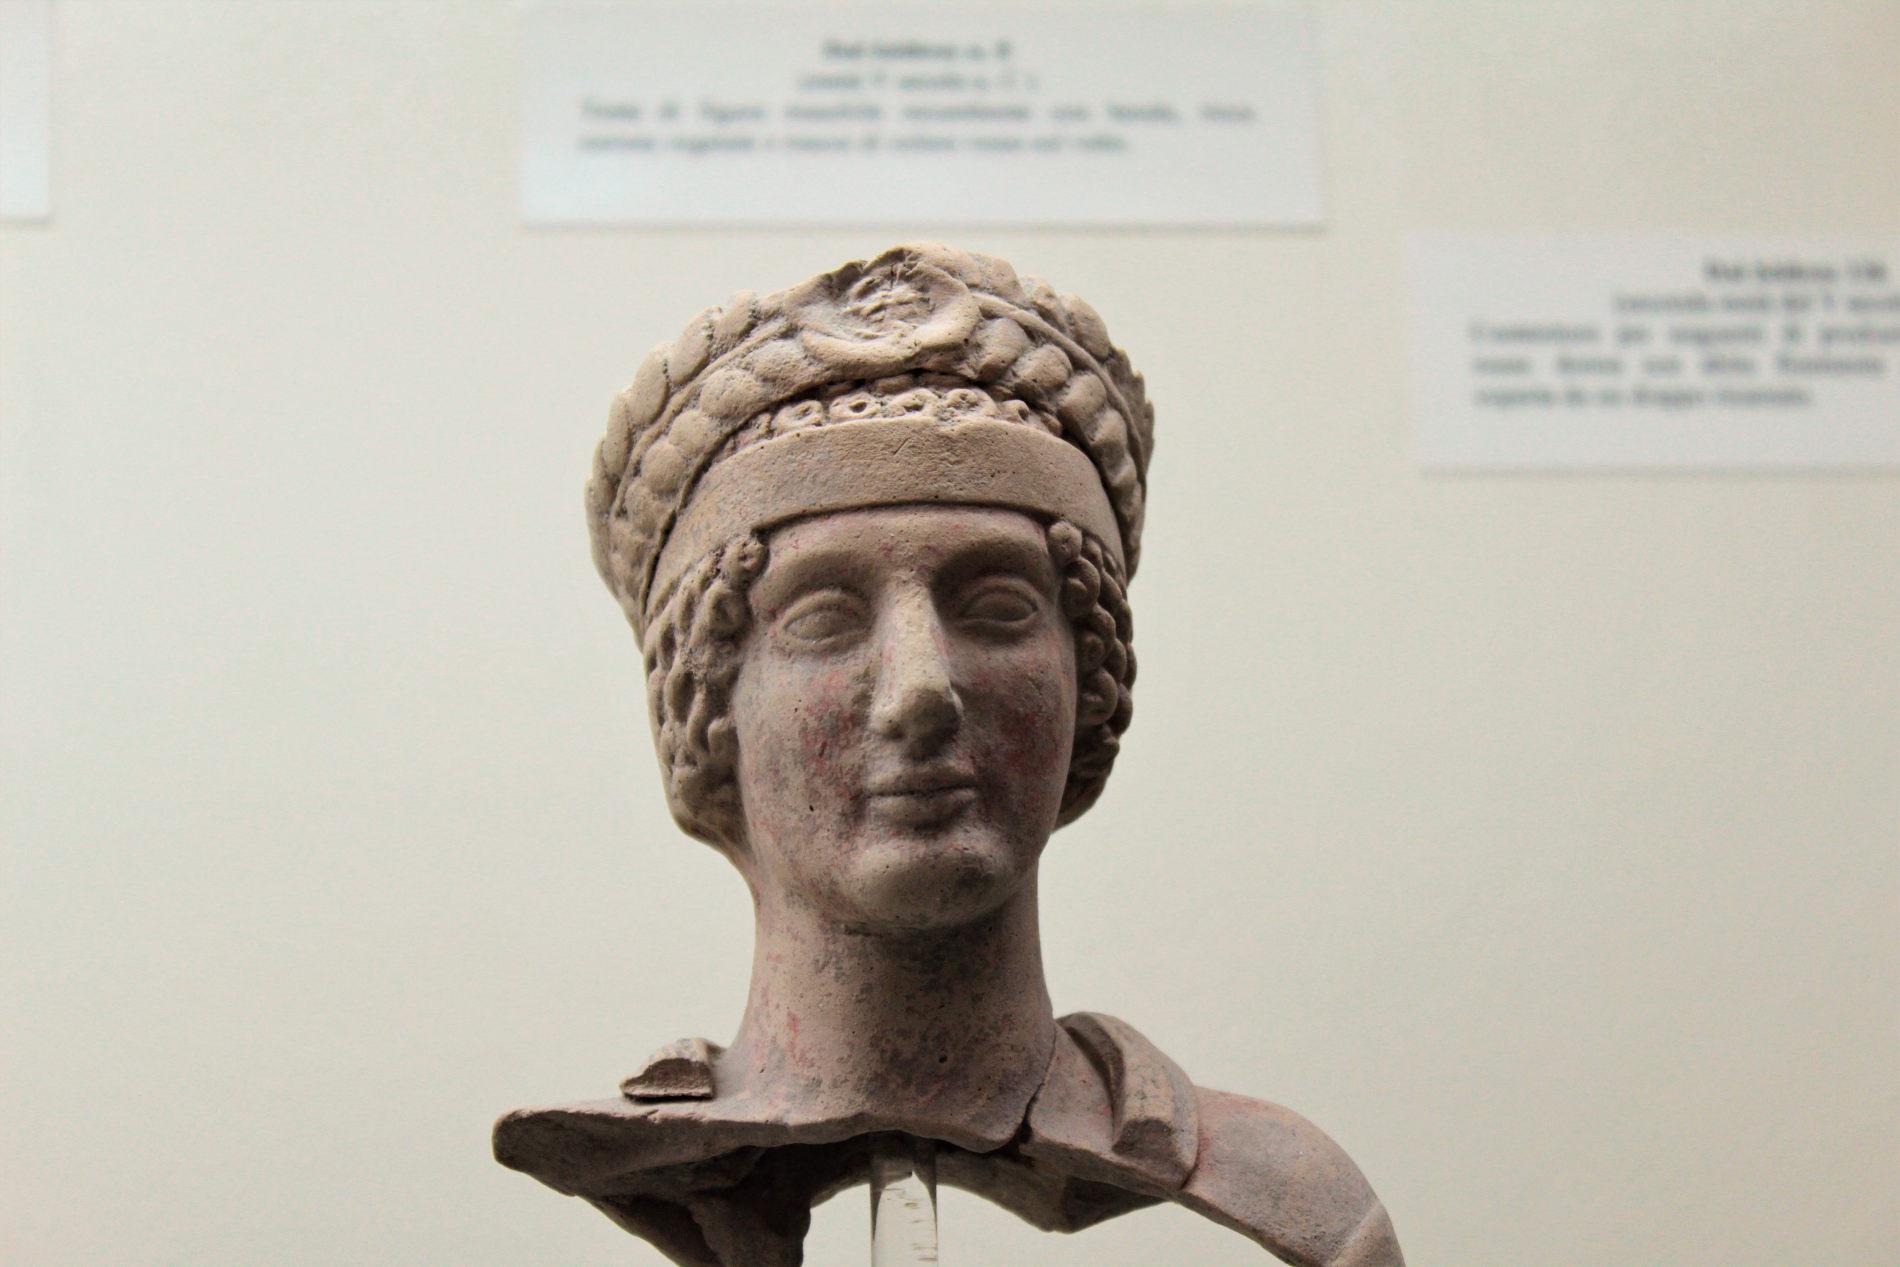 testa di statua risalente alla Magna Grecia nel Parco Archeologico di Locri Epizefiri in provincia di Reggio Calabria